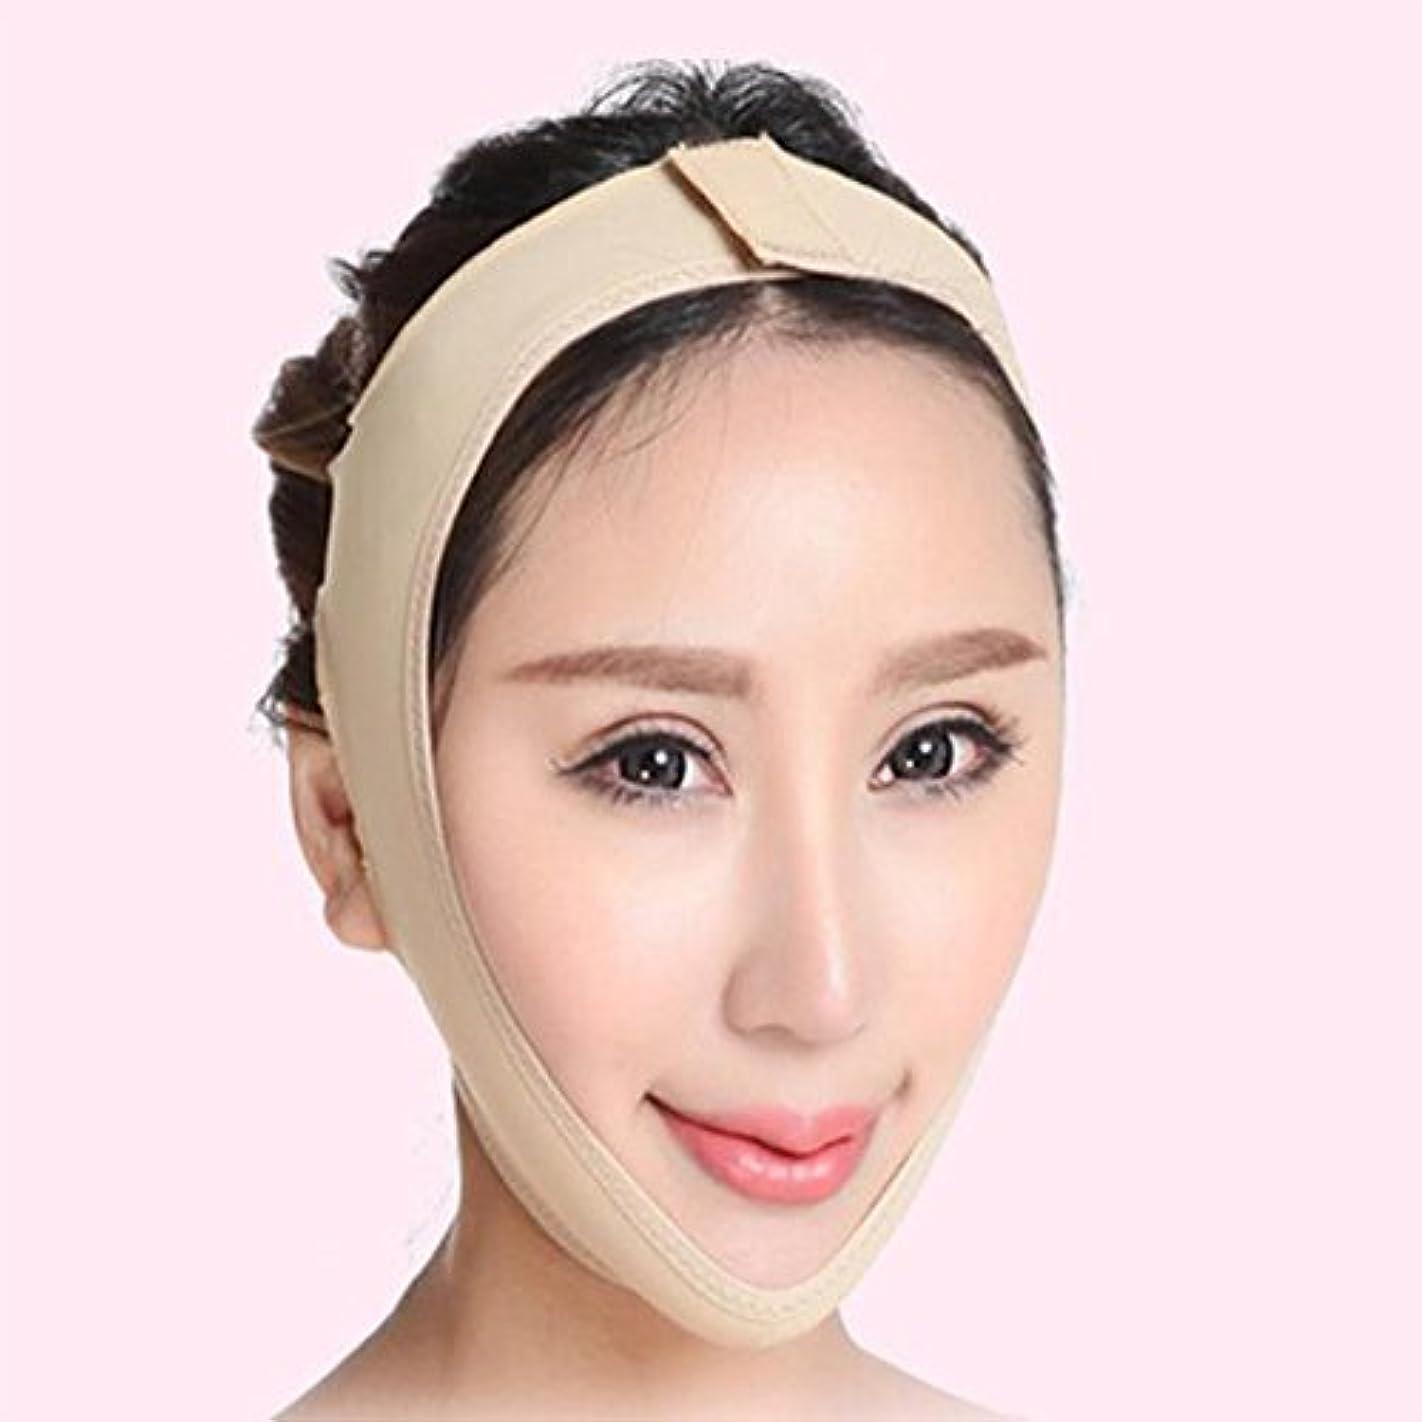 顧問不正確ライブSD 小顔 小顔マスク リフトアップ マスク フェイスライン 矯正 あご シャープ メンズ レディース Lサイズ AZD15003-L